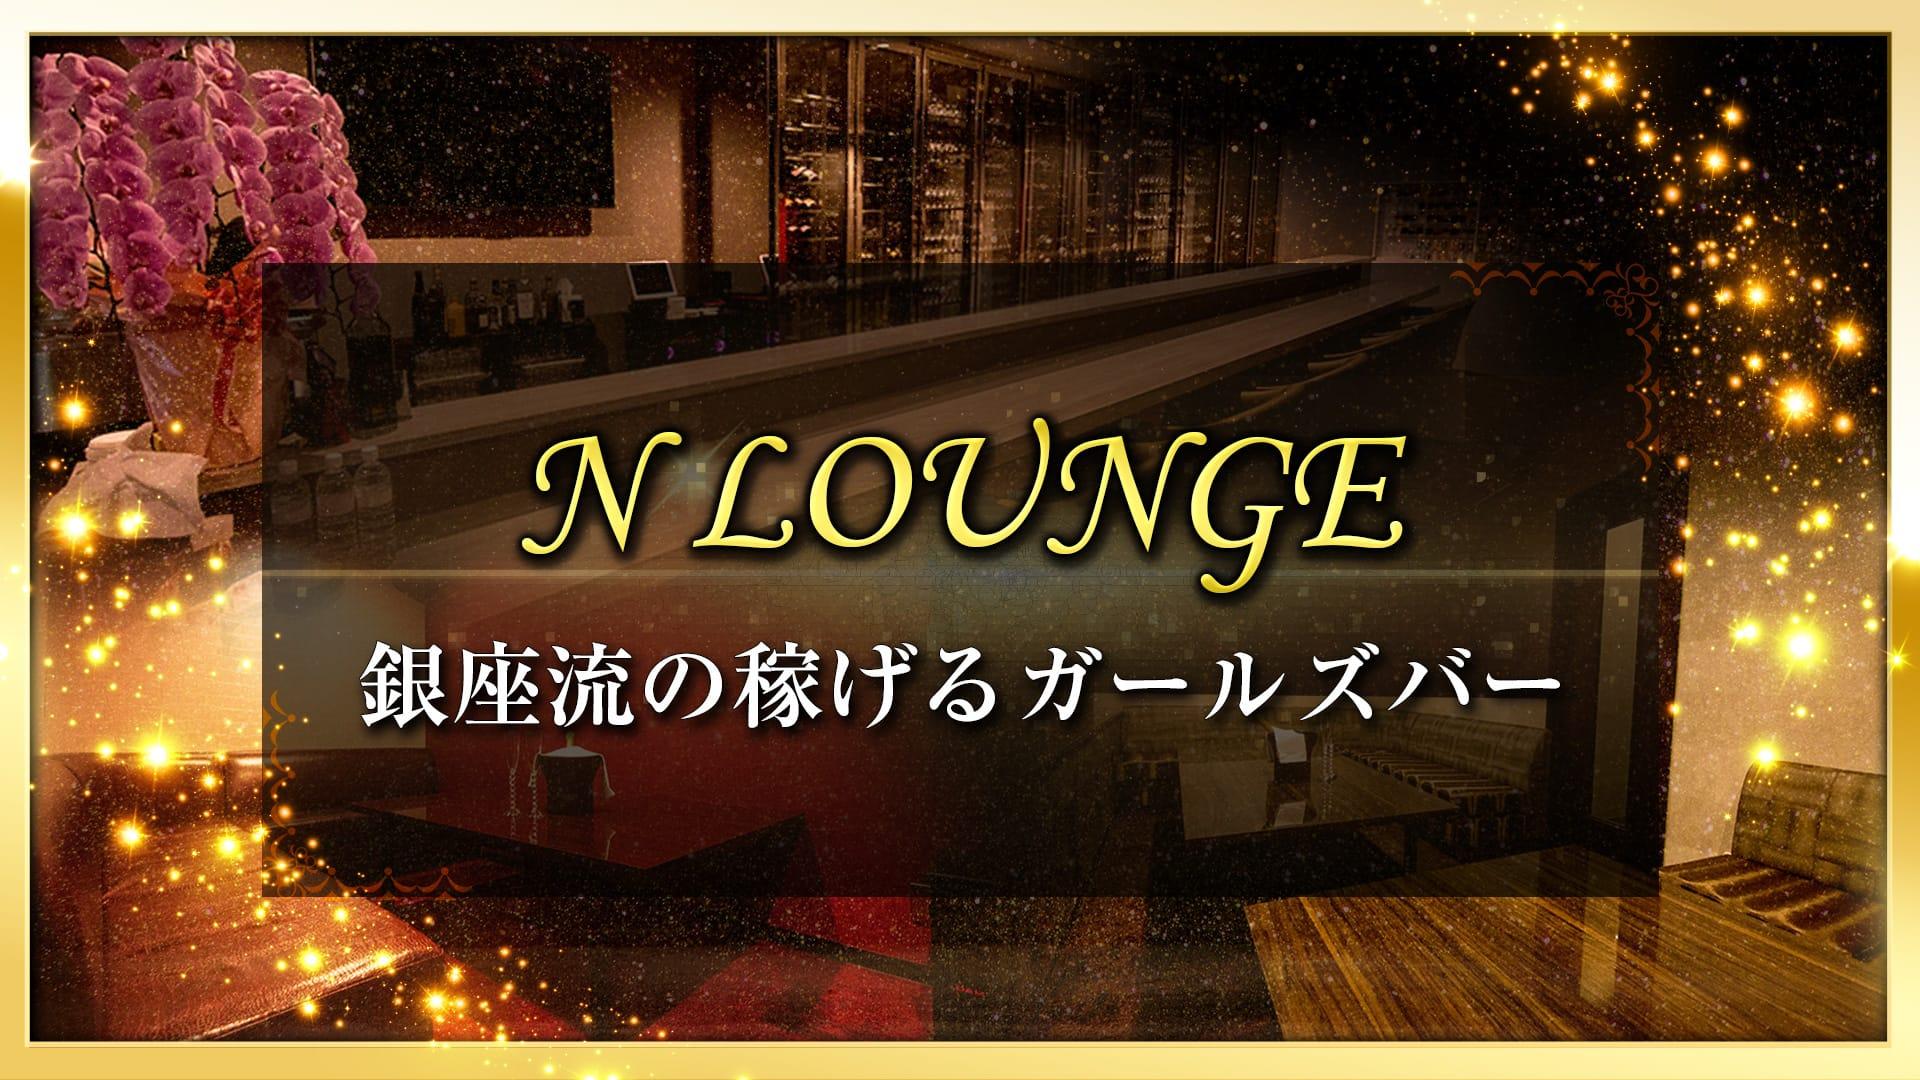 N LOUNGE(エヌラウンジ) 銀座ガールズバー TOP画像